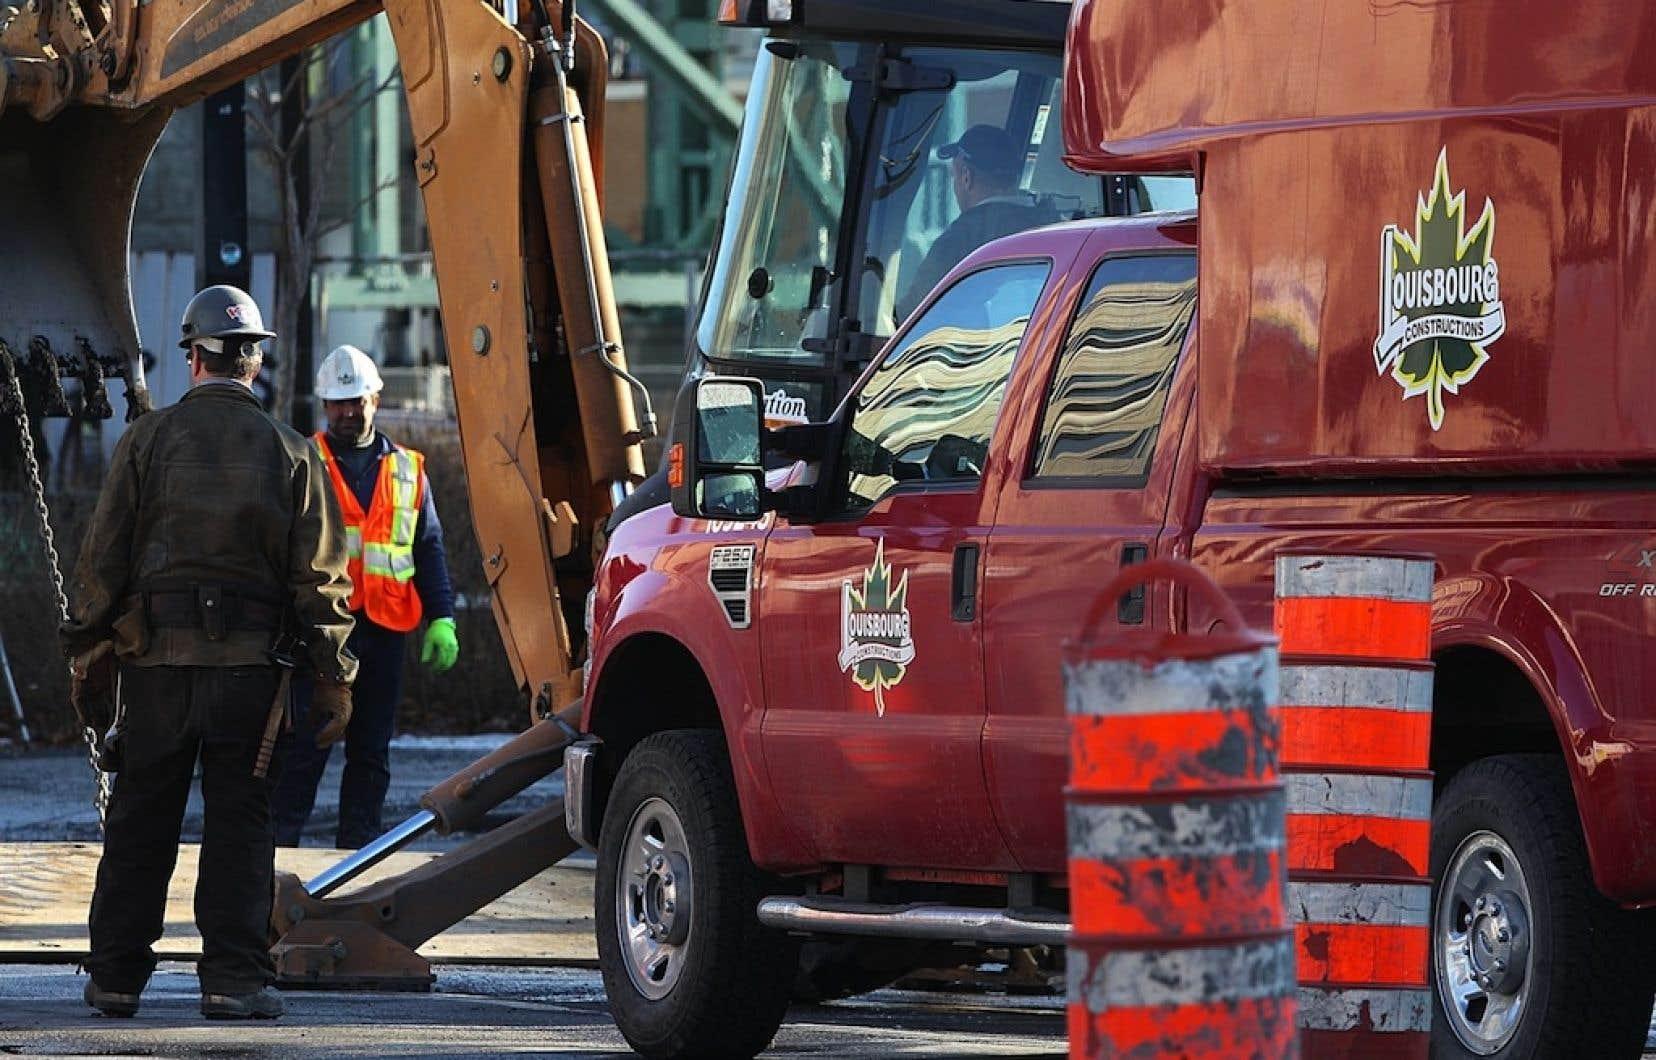 Constructions Louisbourg ltée est du nombre des compagnies que impliquées.